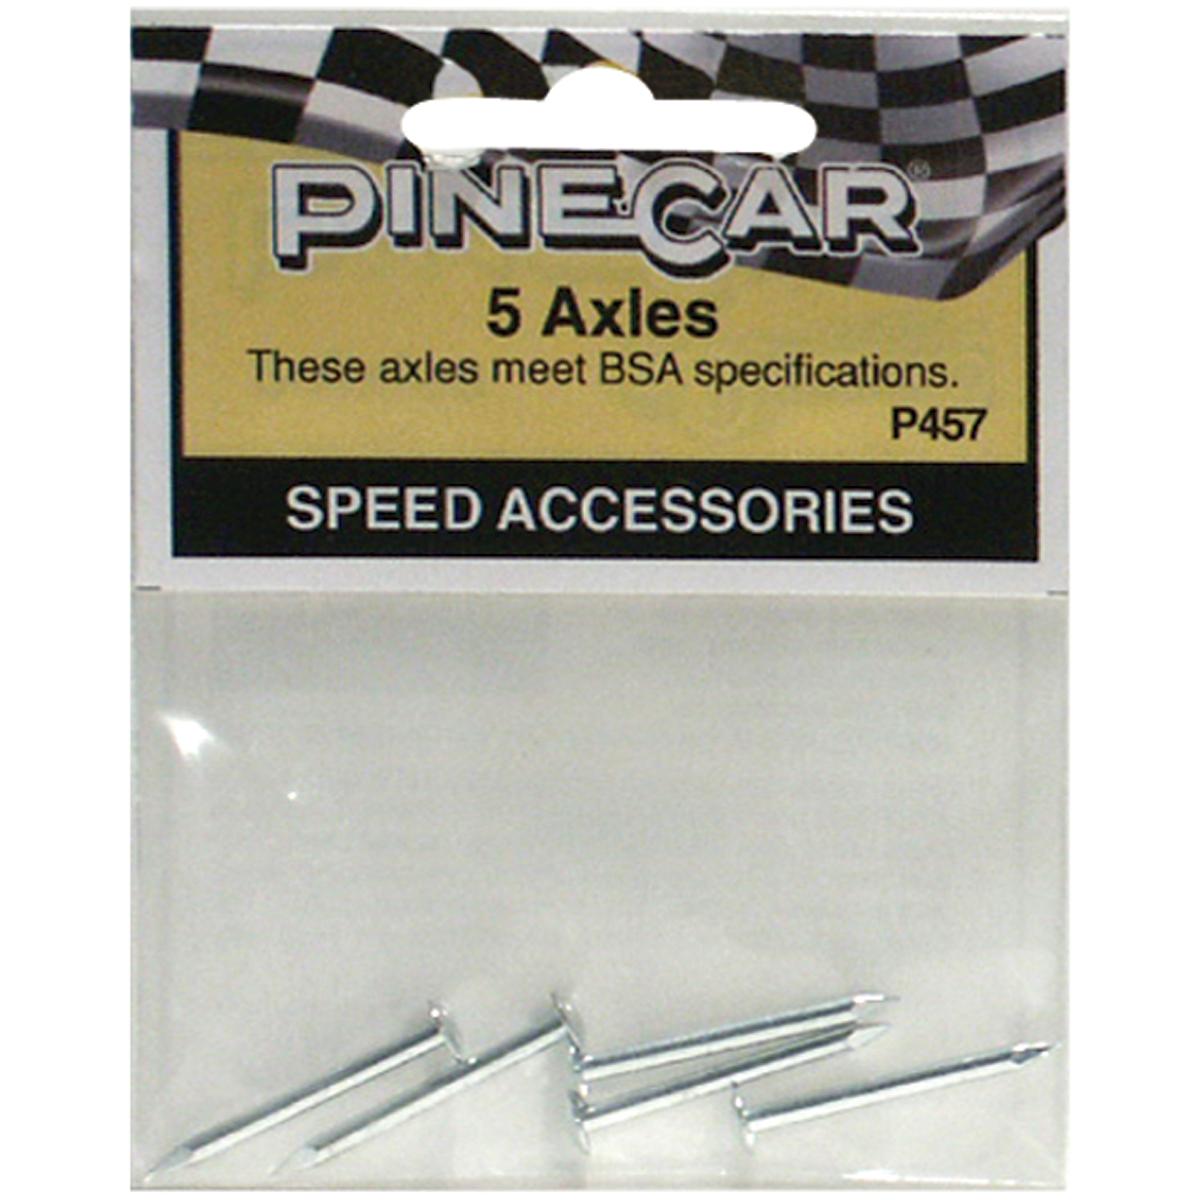 Axles 5/Pkg - Pine Car Derby Speed Accessories